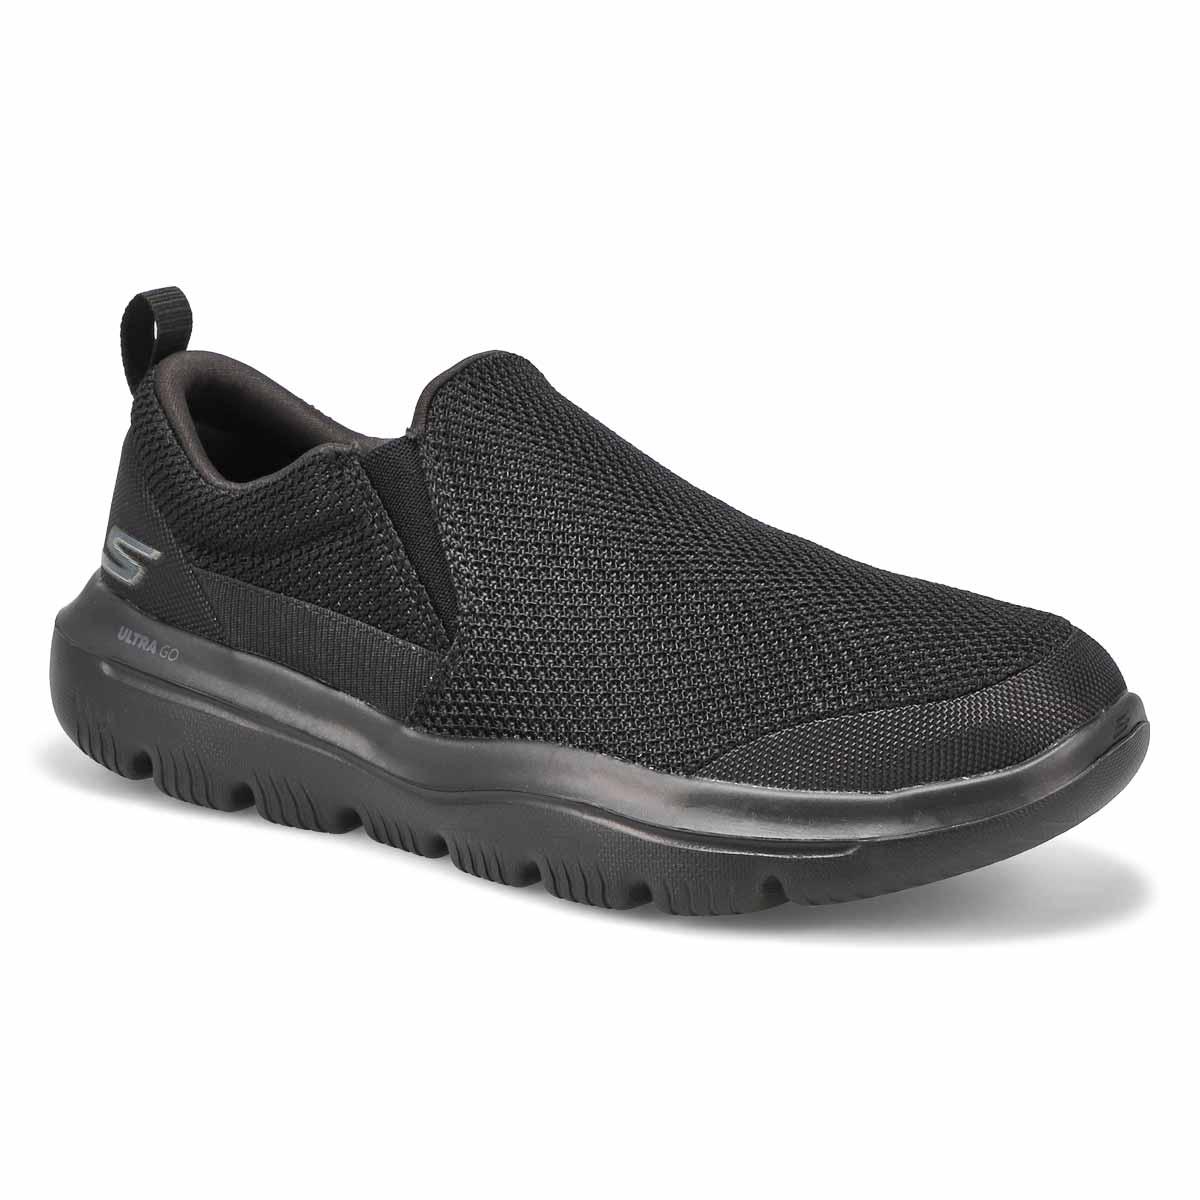 Men's Gowalk Ultra Impeccable Shoe - Black